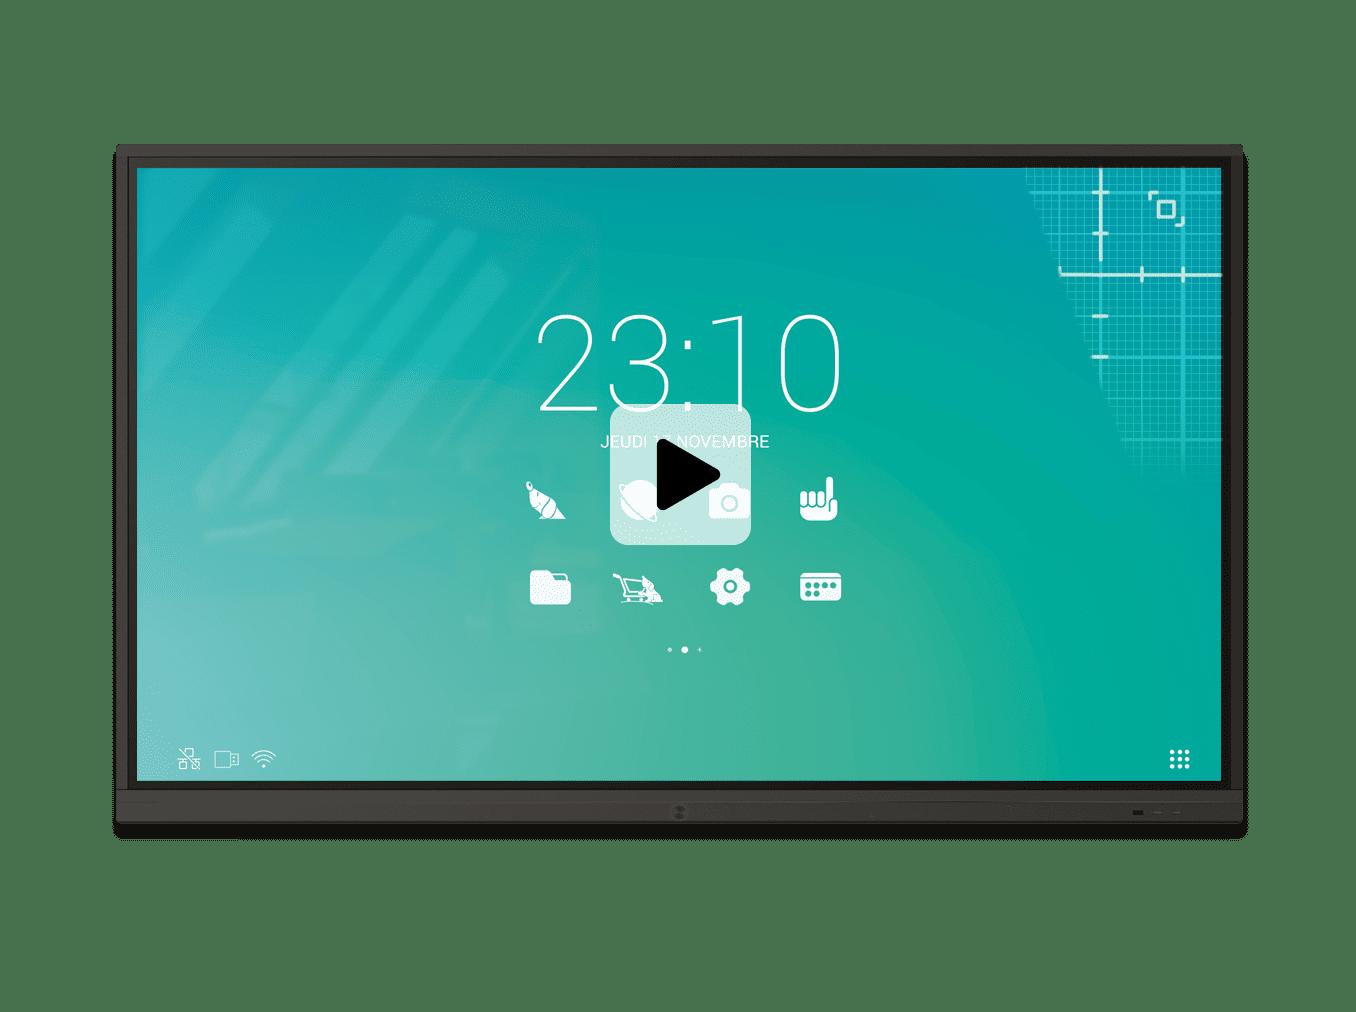 Ecran interactif UDH superglass